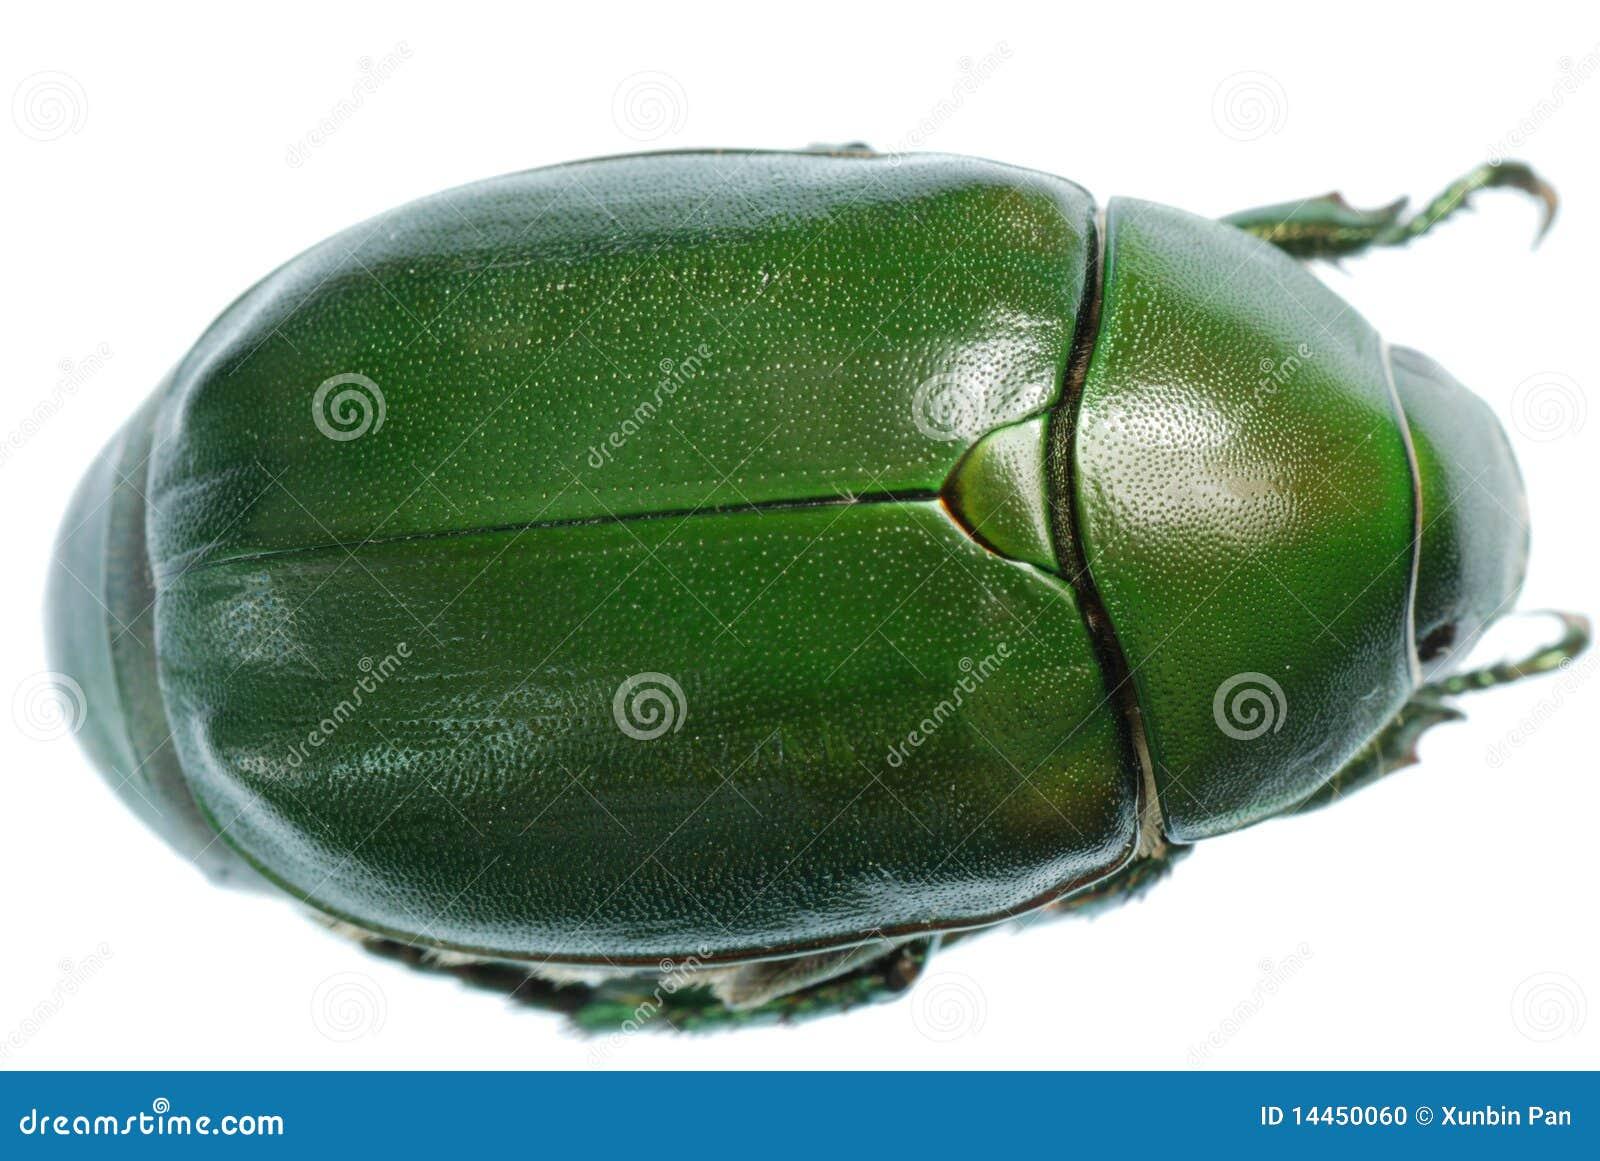 甲虫绿色昆虫查出的白色